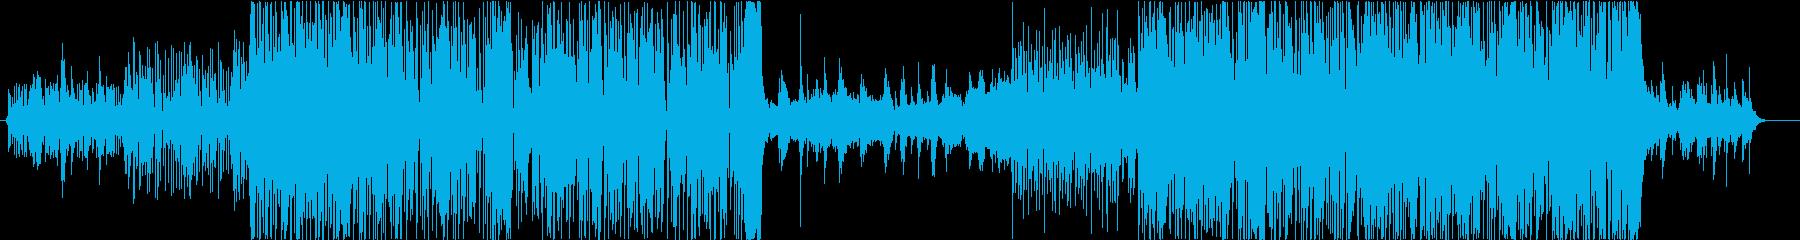 80年代の薫り漂うネオジャズフュージョンの再生済みの波形